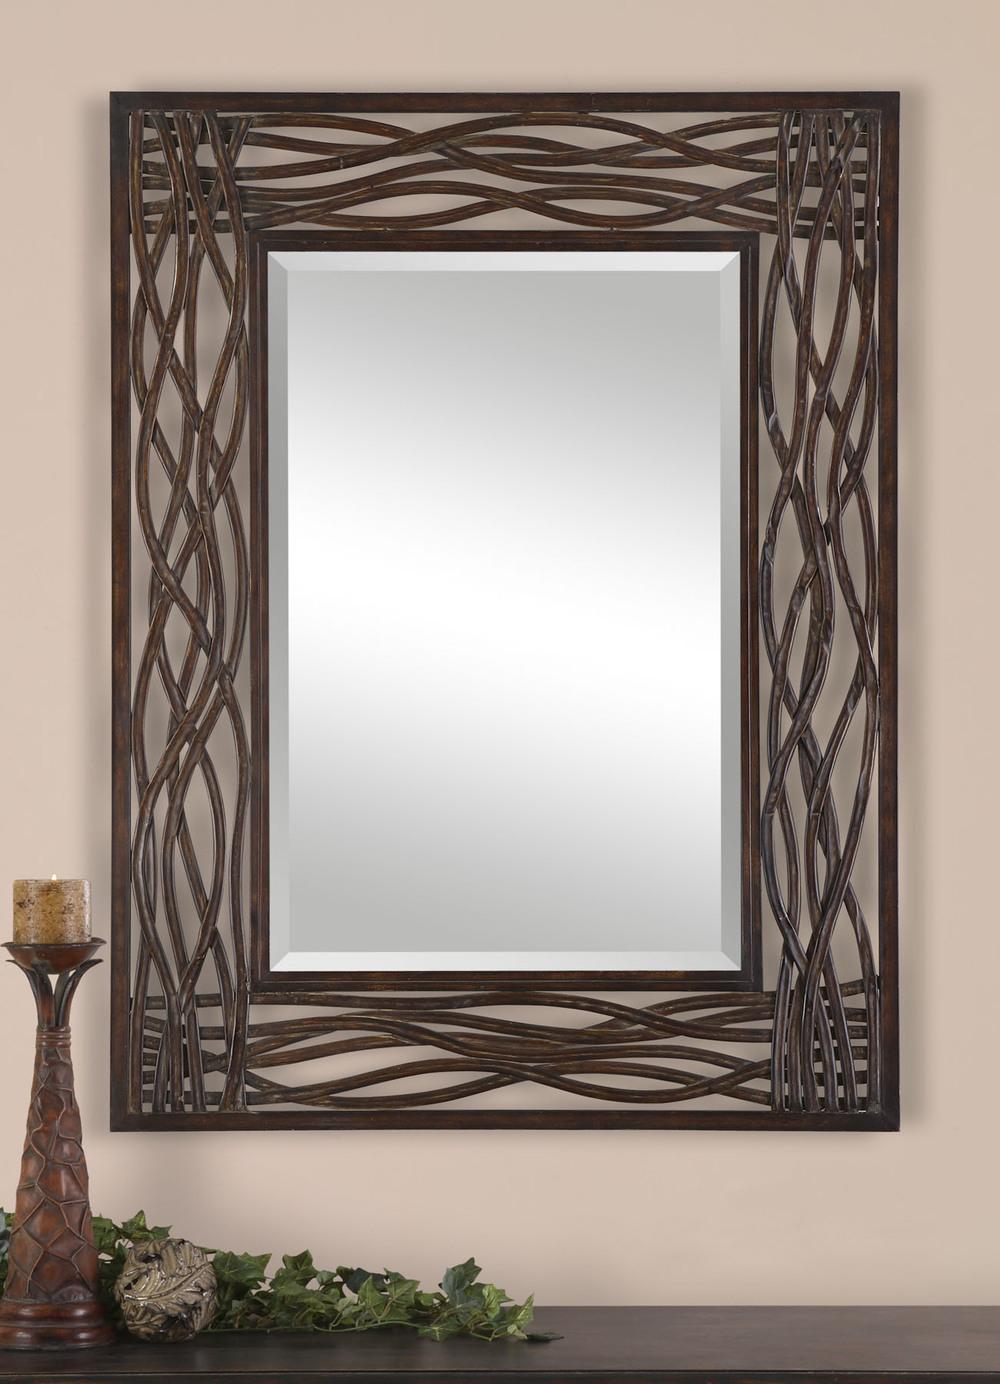 Uttermost Company - Dorigrass Mirror